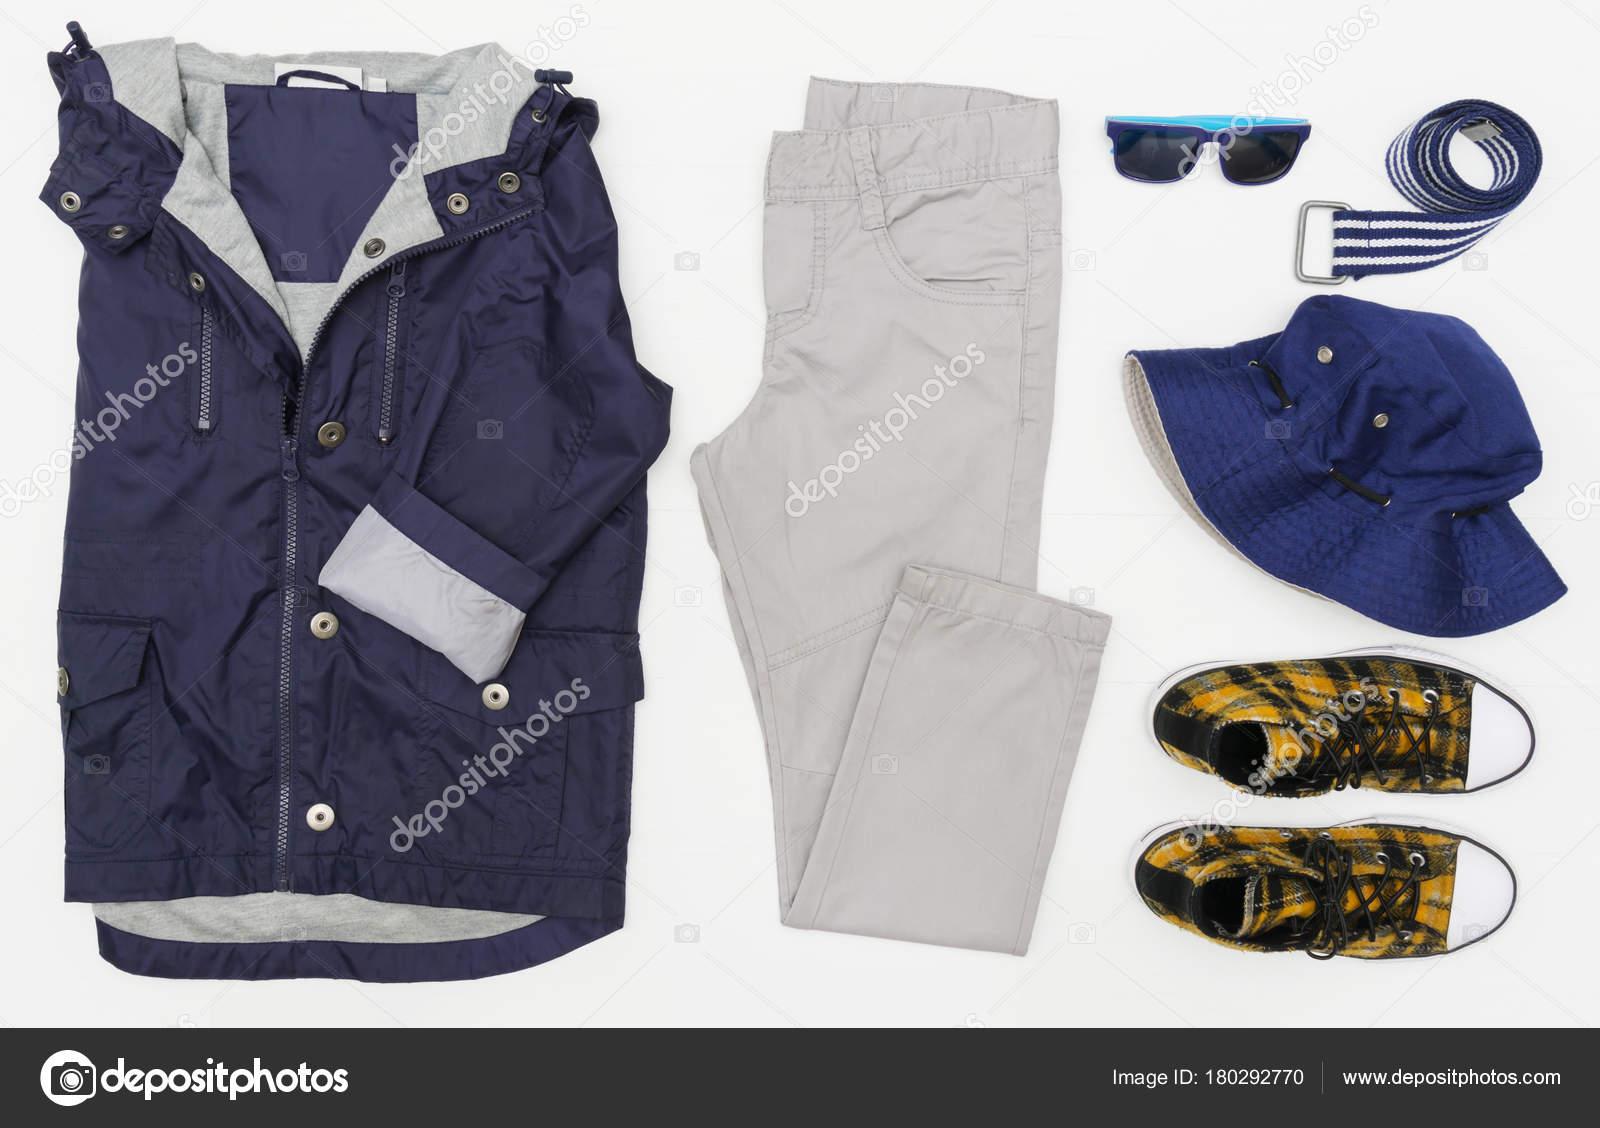 88b6201d0d435 Vue de dessus fashion look branché de vêtements d enfants. Fashion Kids.  Printemps